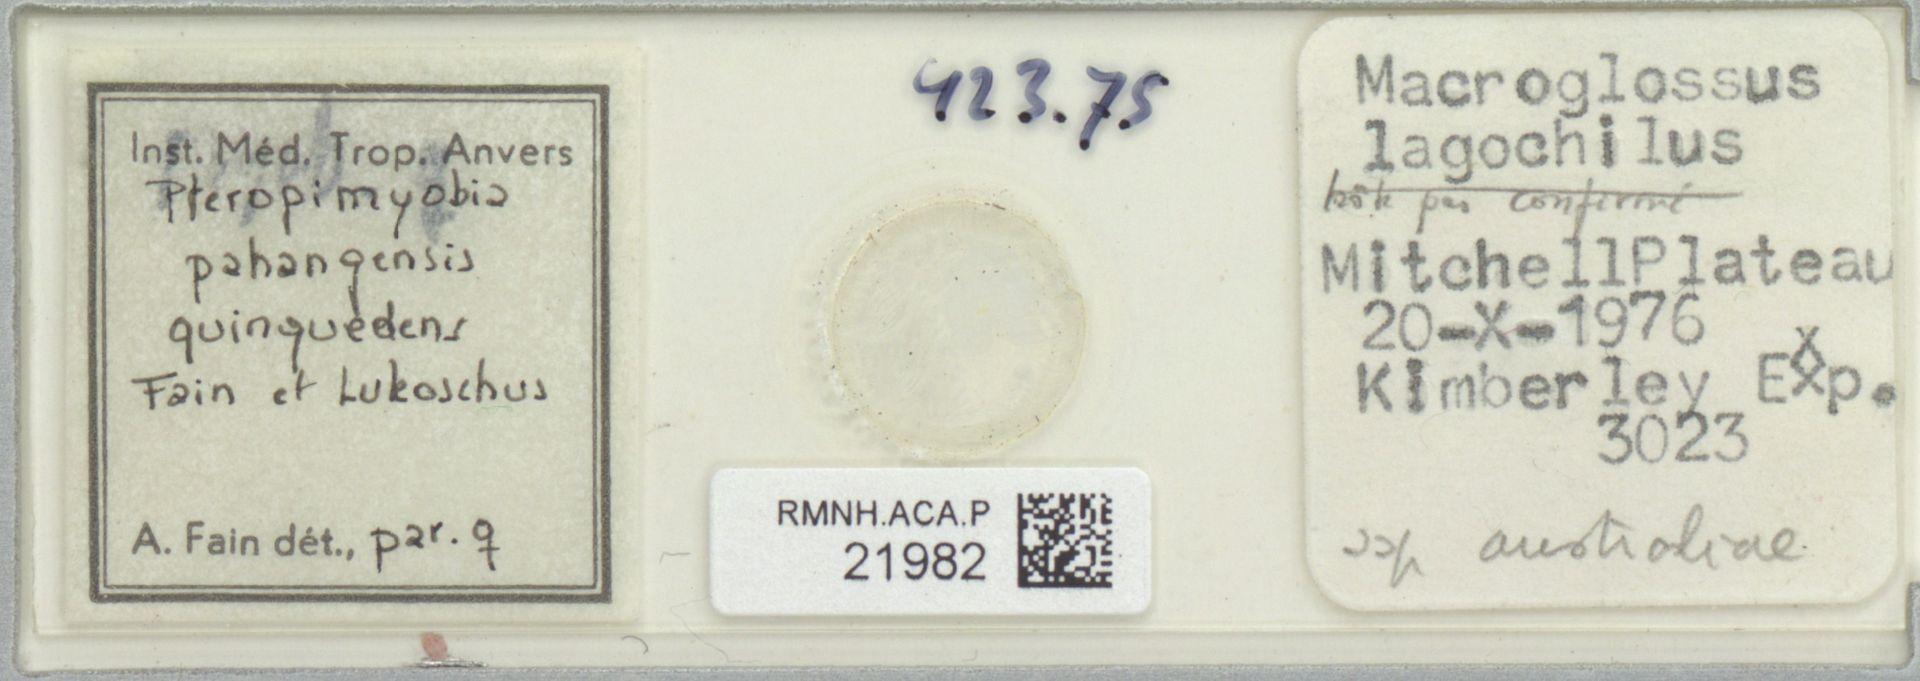 RMNH.ACA.P.21982 | Pteropimyobia pahangensis quinquedens Fain et Lukoschus